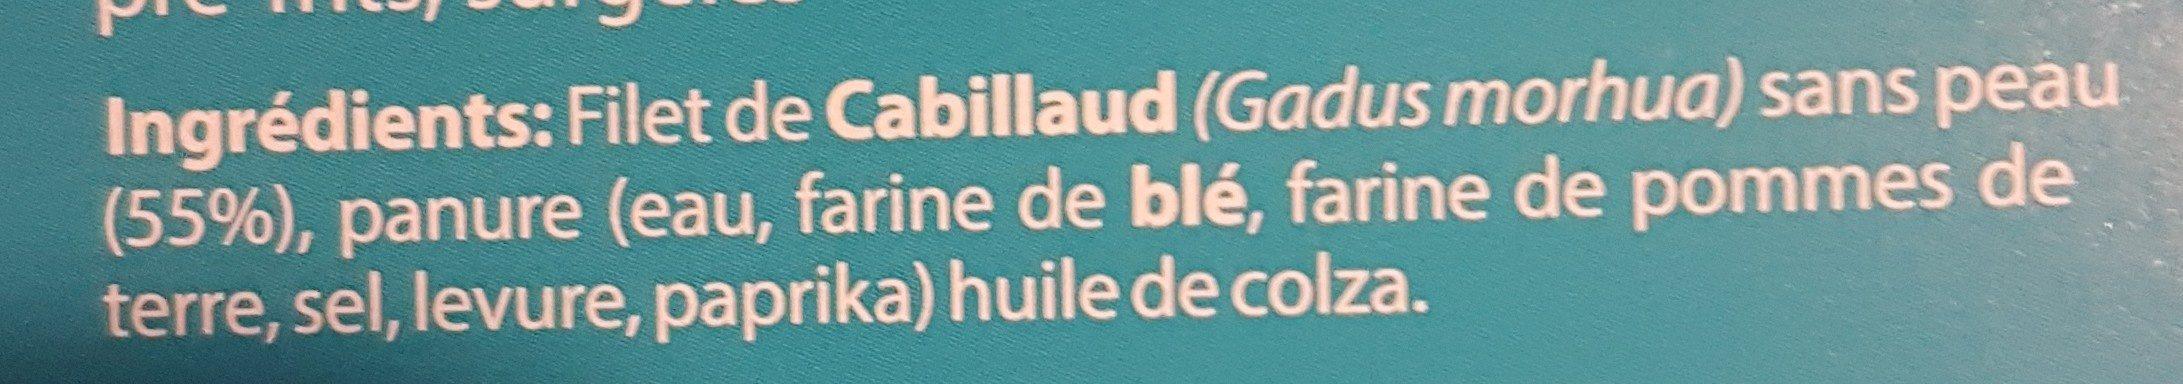 Filet de cabillaud panés en bâtonnets - Ingrédients - fr